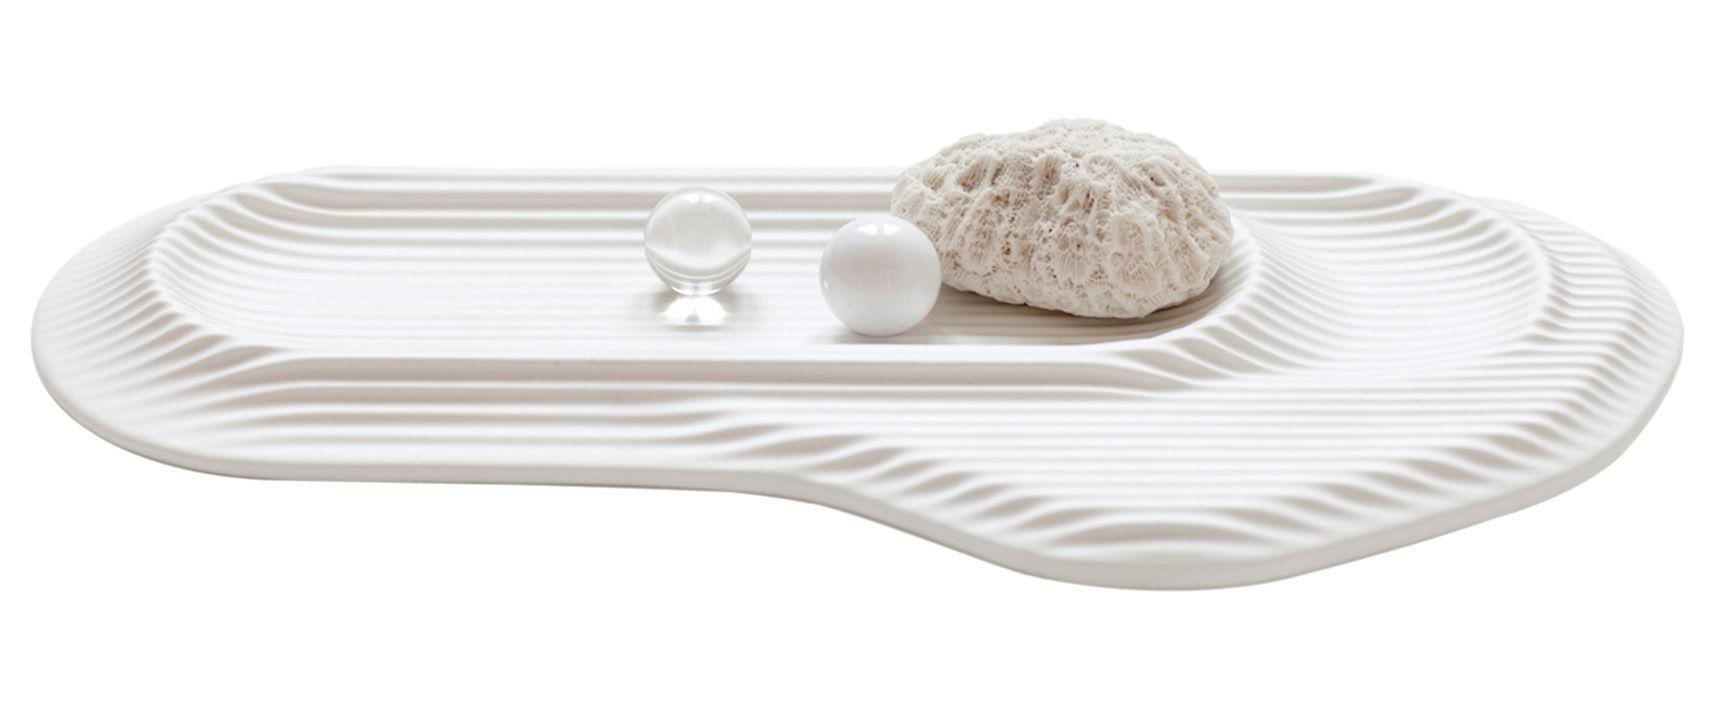 Dekoration - Büro - Ceramic Feeld Federkasten - Moustache - Weiß - emaillierte Keramik